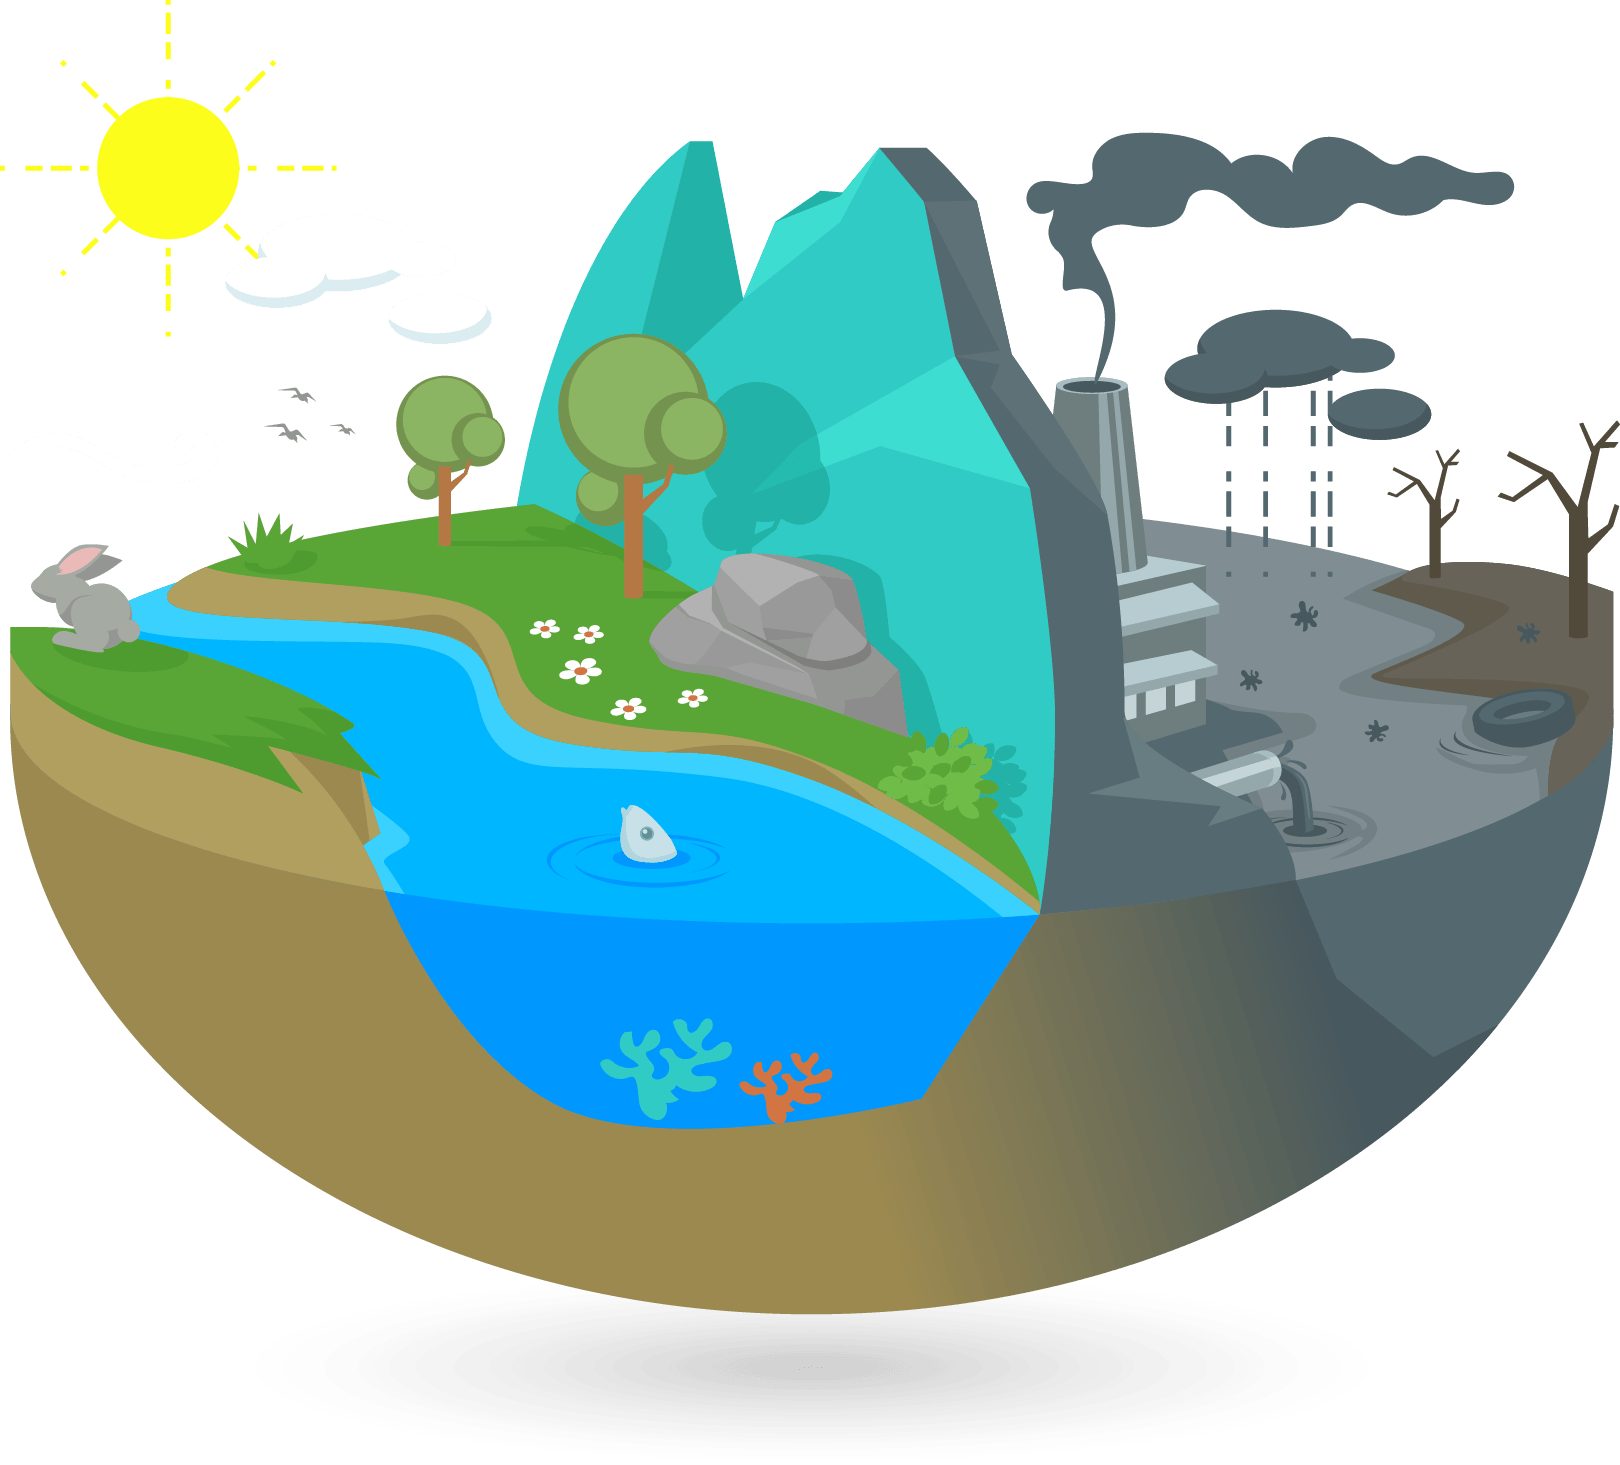 énergy-énergie-autonomie-battery-batterie-autonomy-maison autonome-natuel-maître d'oeuvre-constructeur-électricité-stockage-panneau solaire-solar panel-artisan- autonomie vivante-toitot maison autonome-isolation-éolienne-matériaux-bois-construction-énergies renouvelables-habitat naturel-house-chauffage